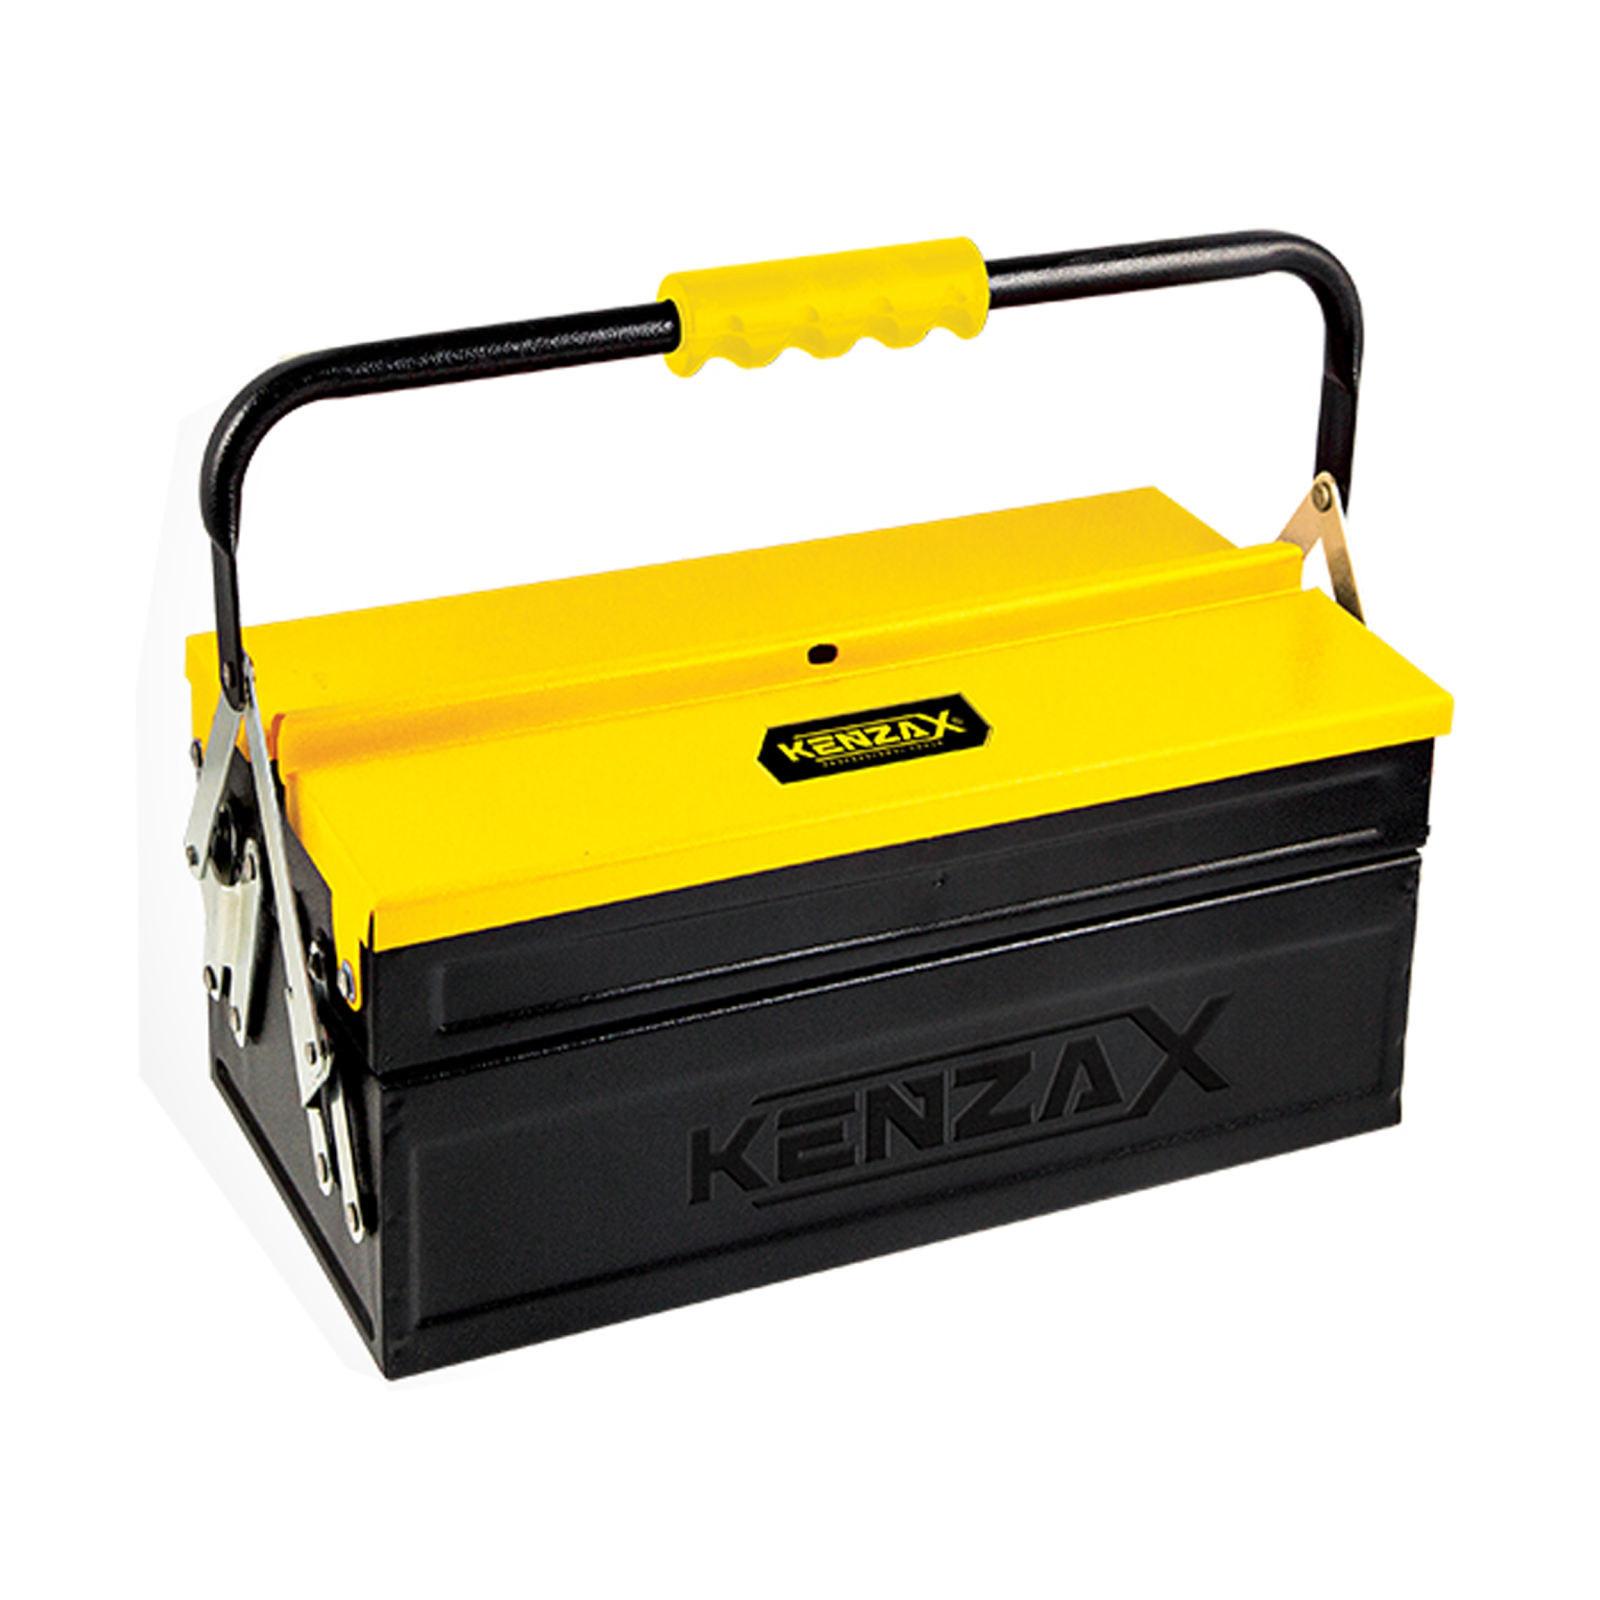 جعبه ابزار فلزی 2 طبقه 30 سانت کنزاکس مدل KBT-1302